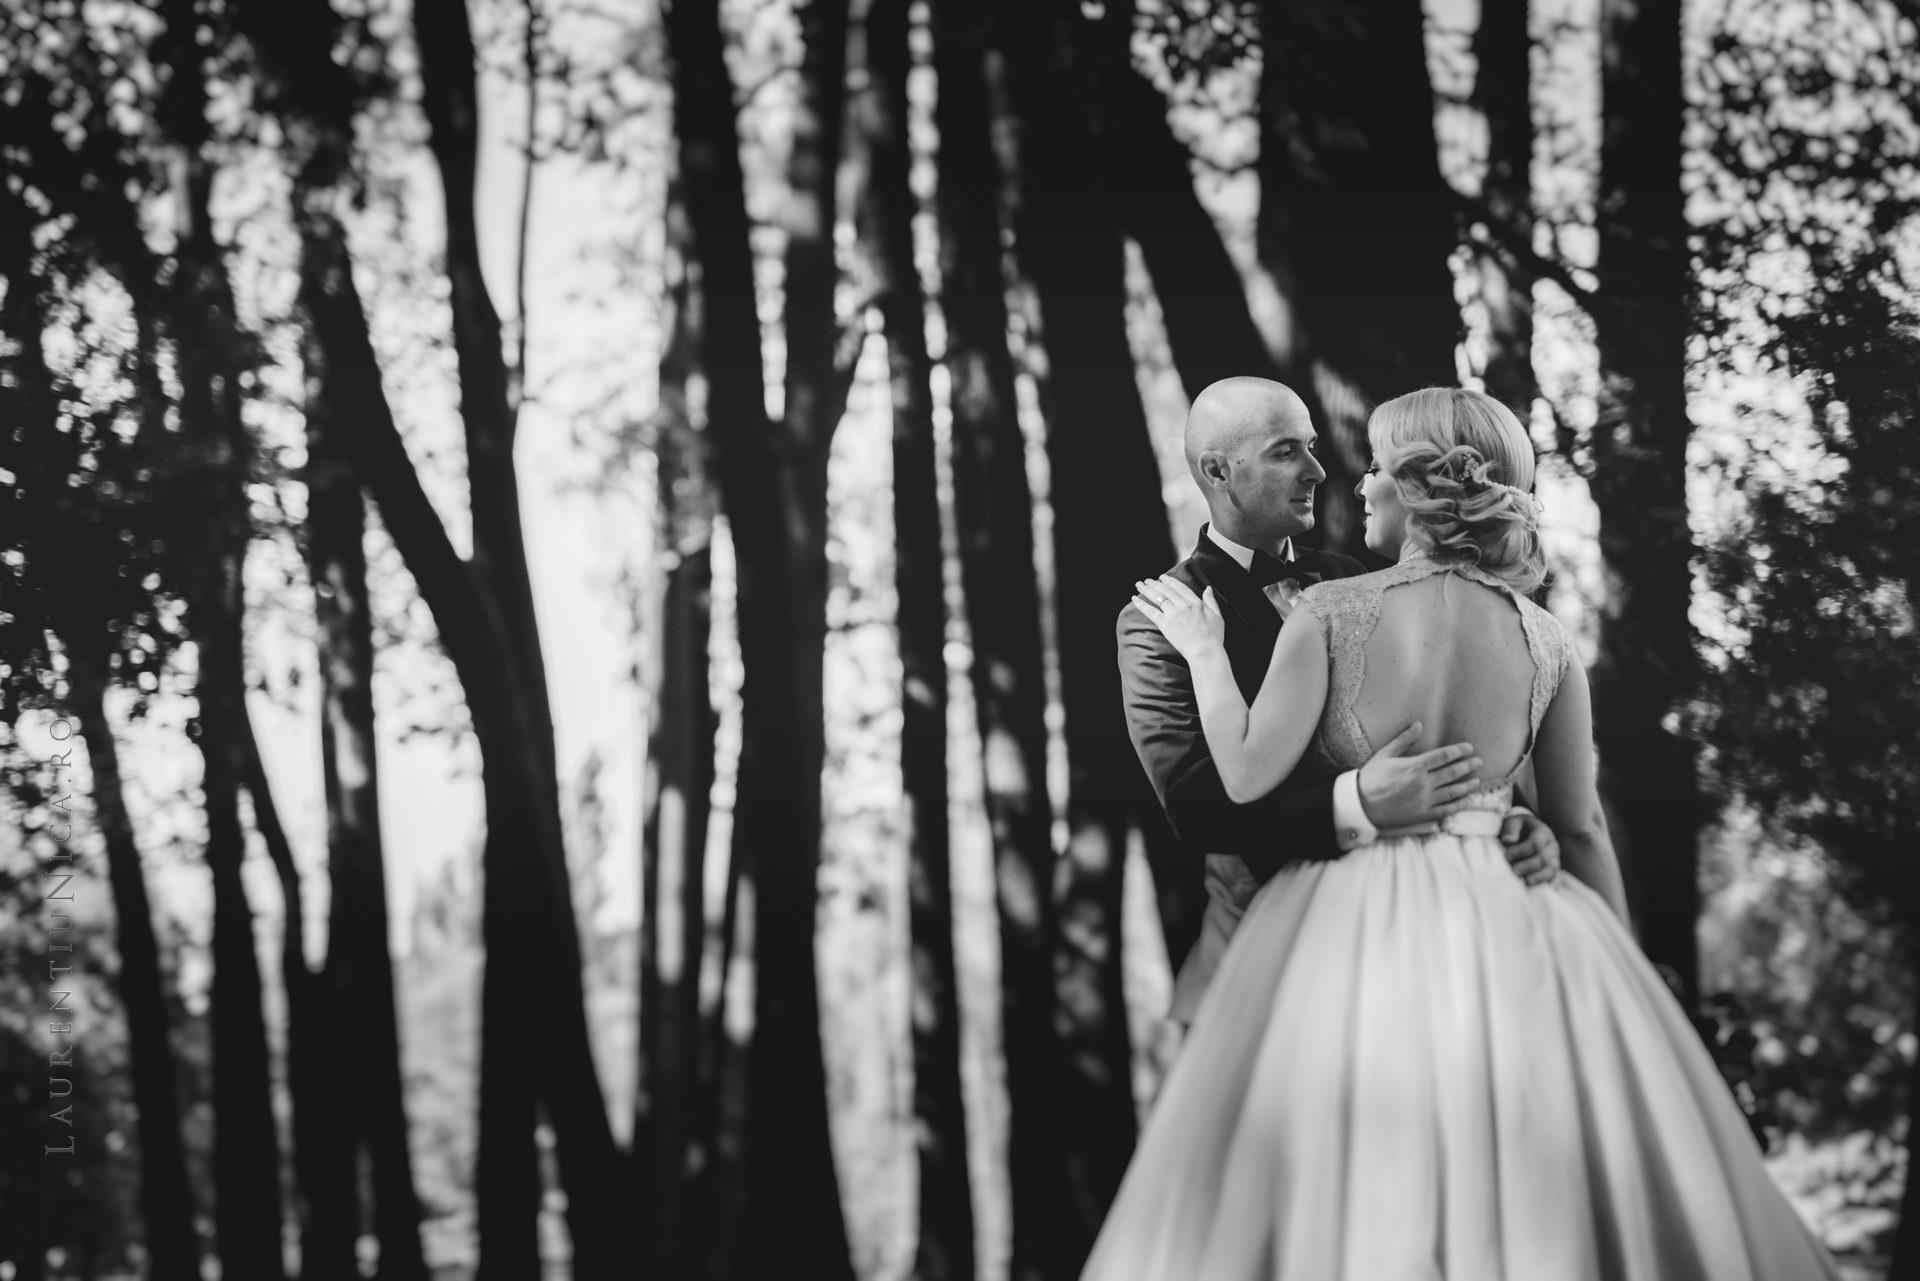 lavinia si adi fotograf laurentiu nica craiova 032 - Lavinia & Adi | Fotografii nunta